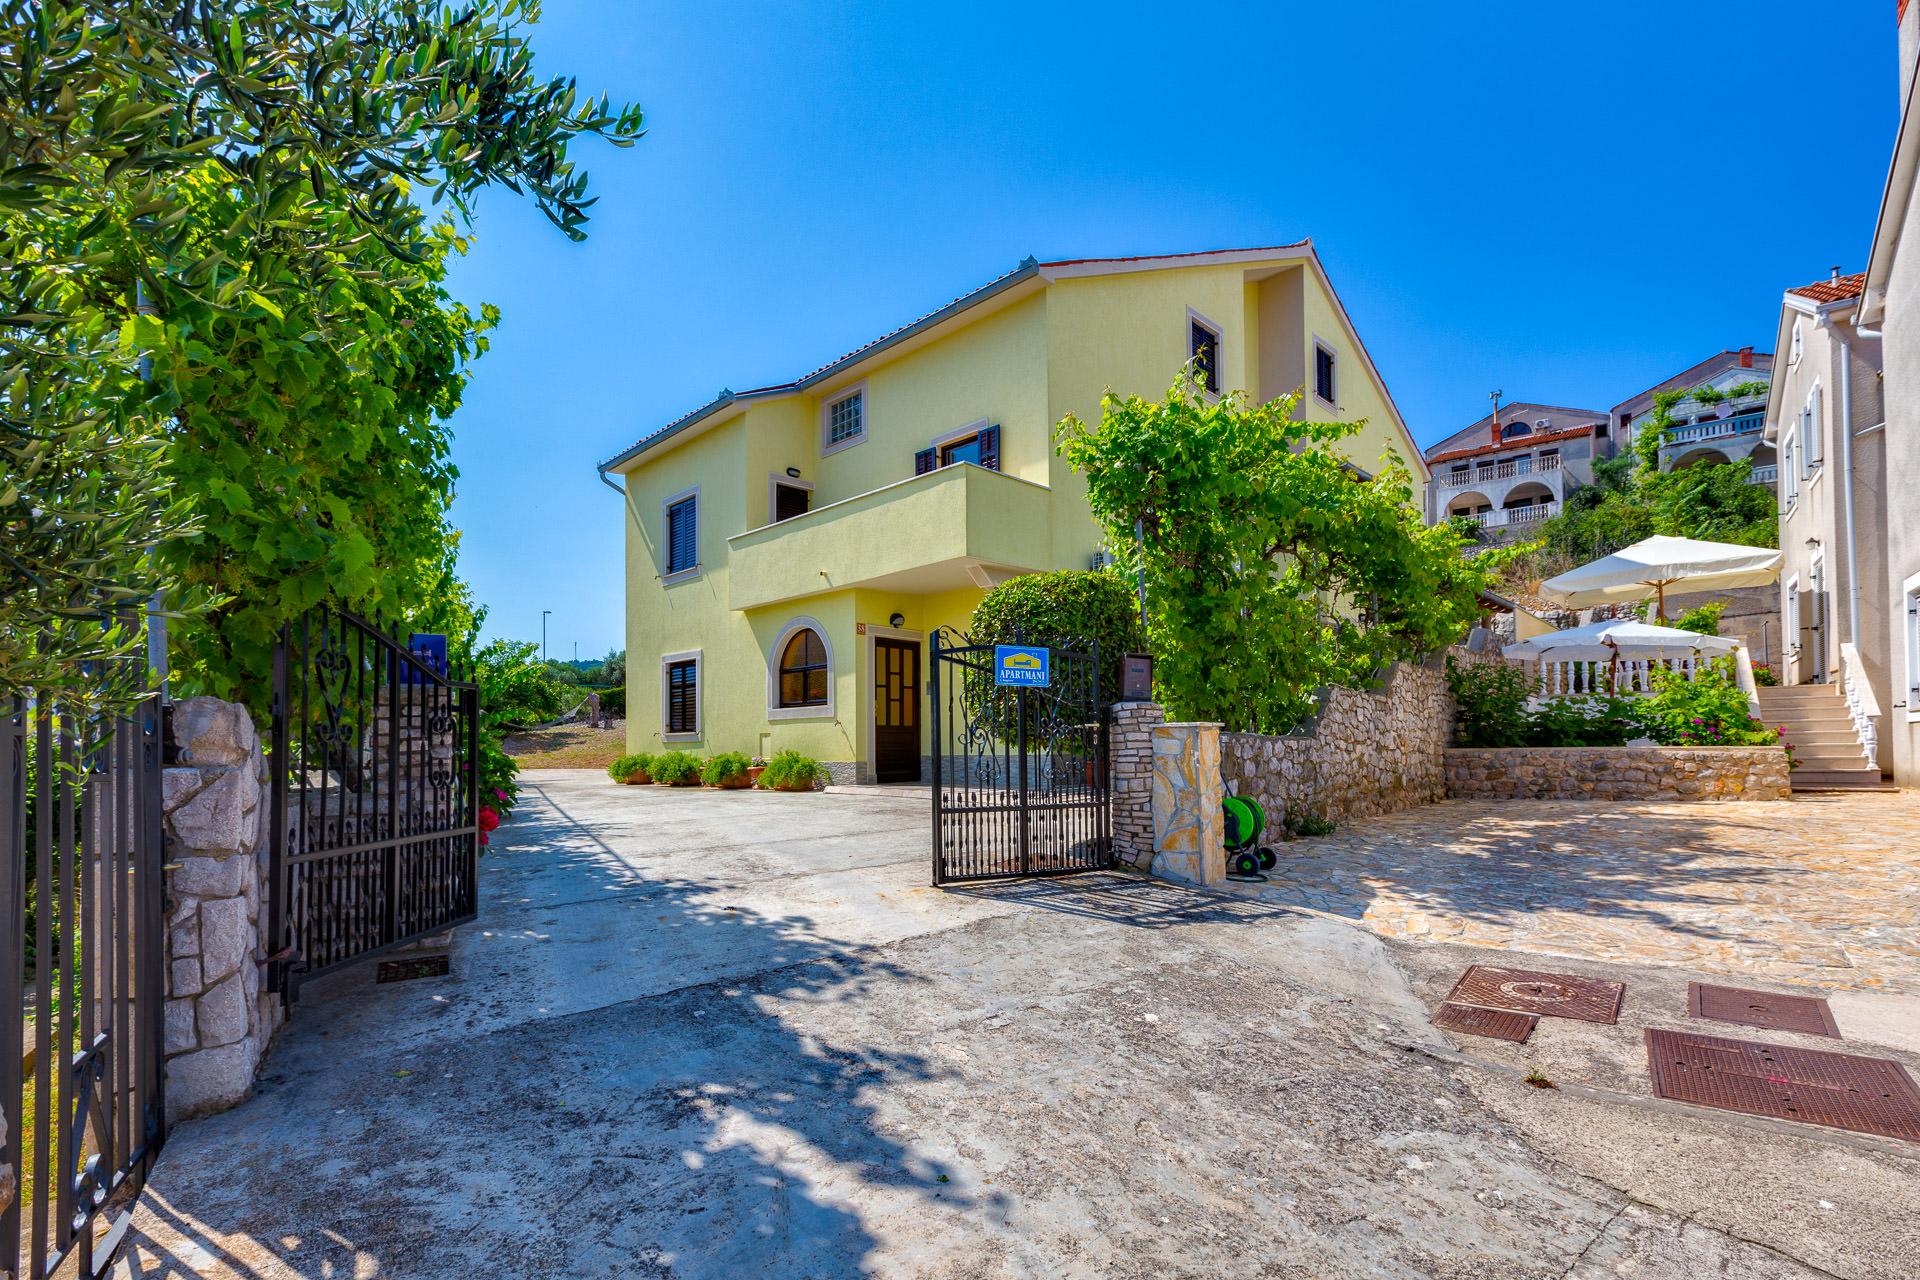 Lussino case vacanza, Mali Losinj appartamenti vacanze